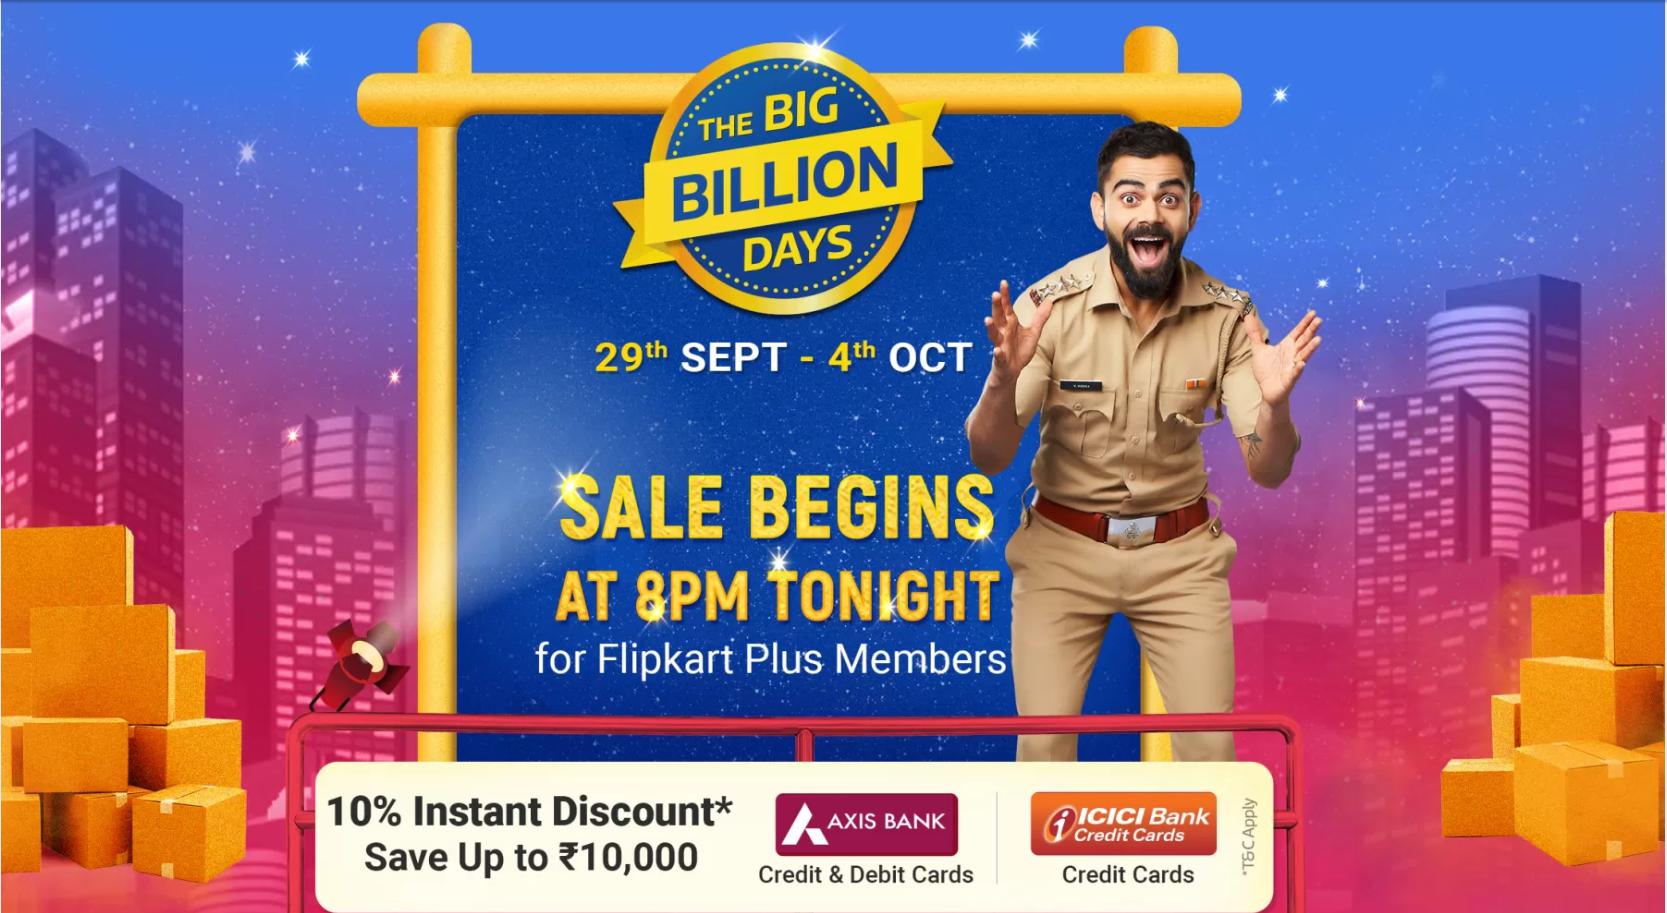 Flipkart Big Billion Days Sale 2019: Best deals on LED TVs, Smart devices and more